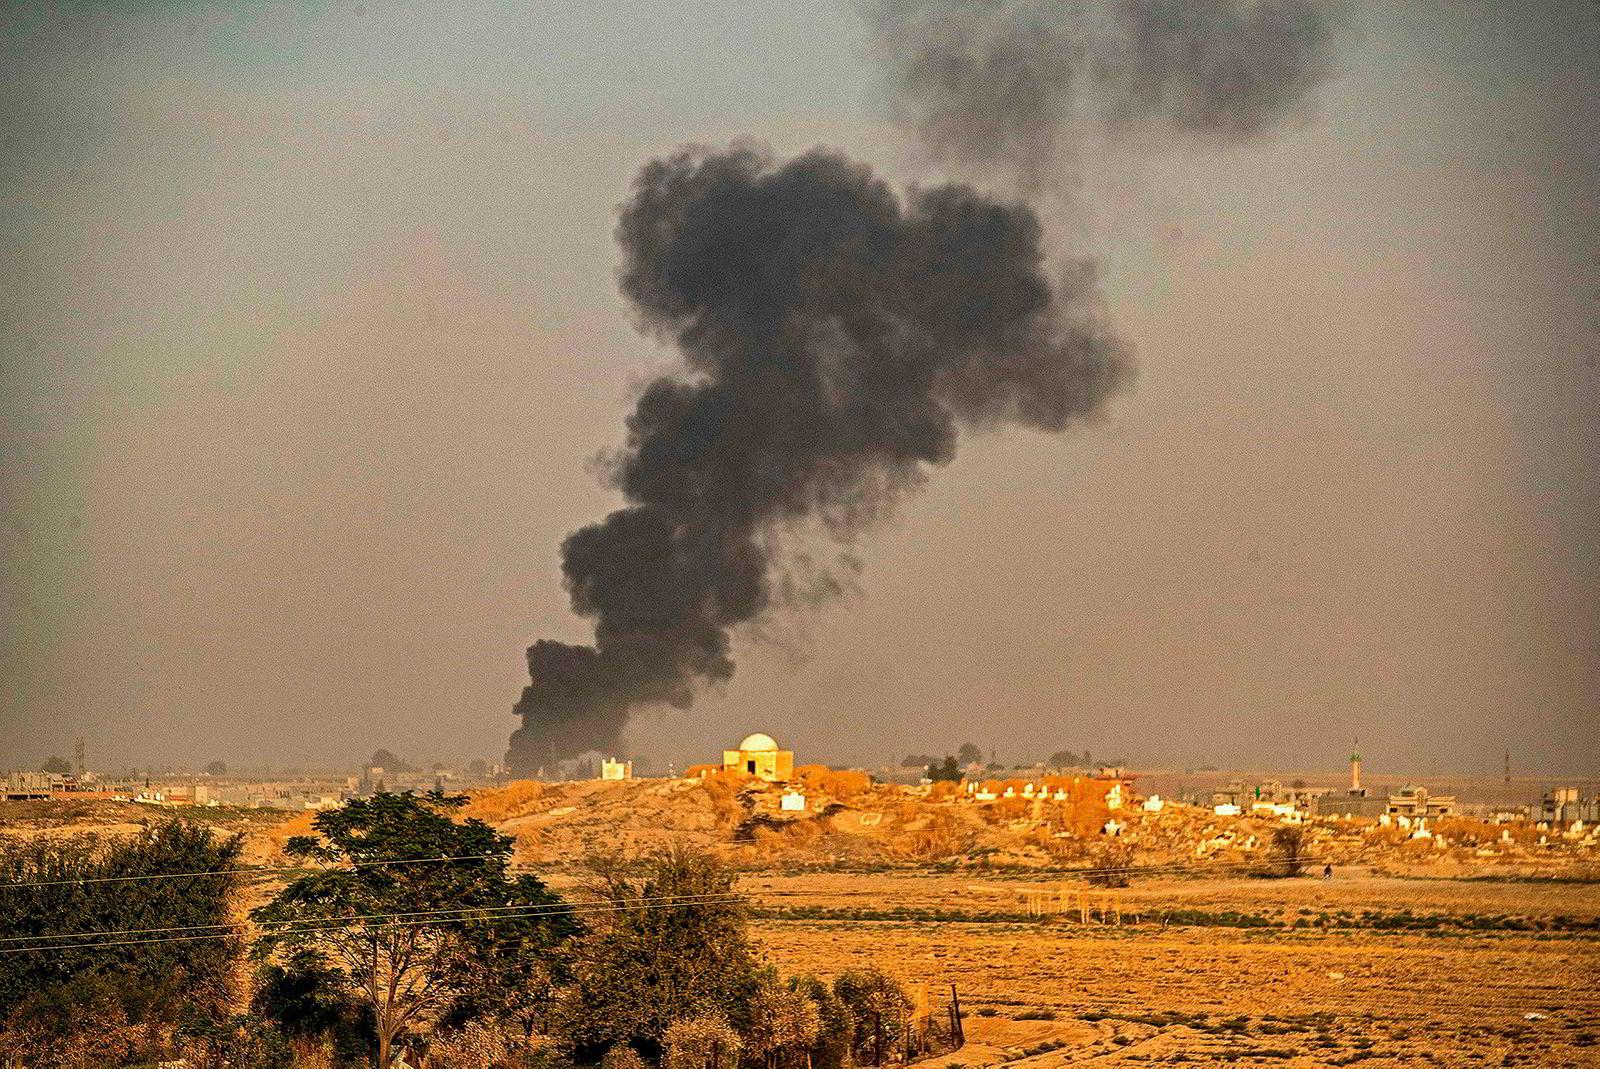 Tyrkia startet onsdag ettermiddag operasjonen «Fredens vår». Her stiger røyk opp etter bombardement av byen Ras al-Ayn, nordøst i Syria.